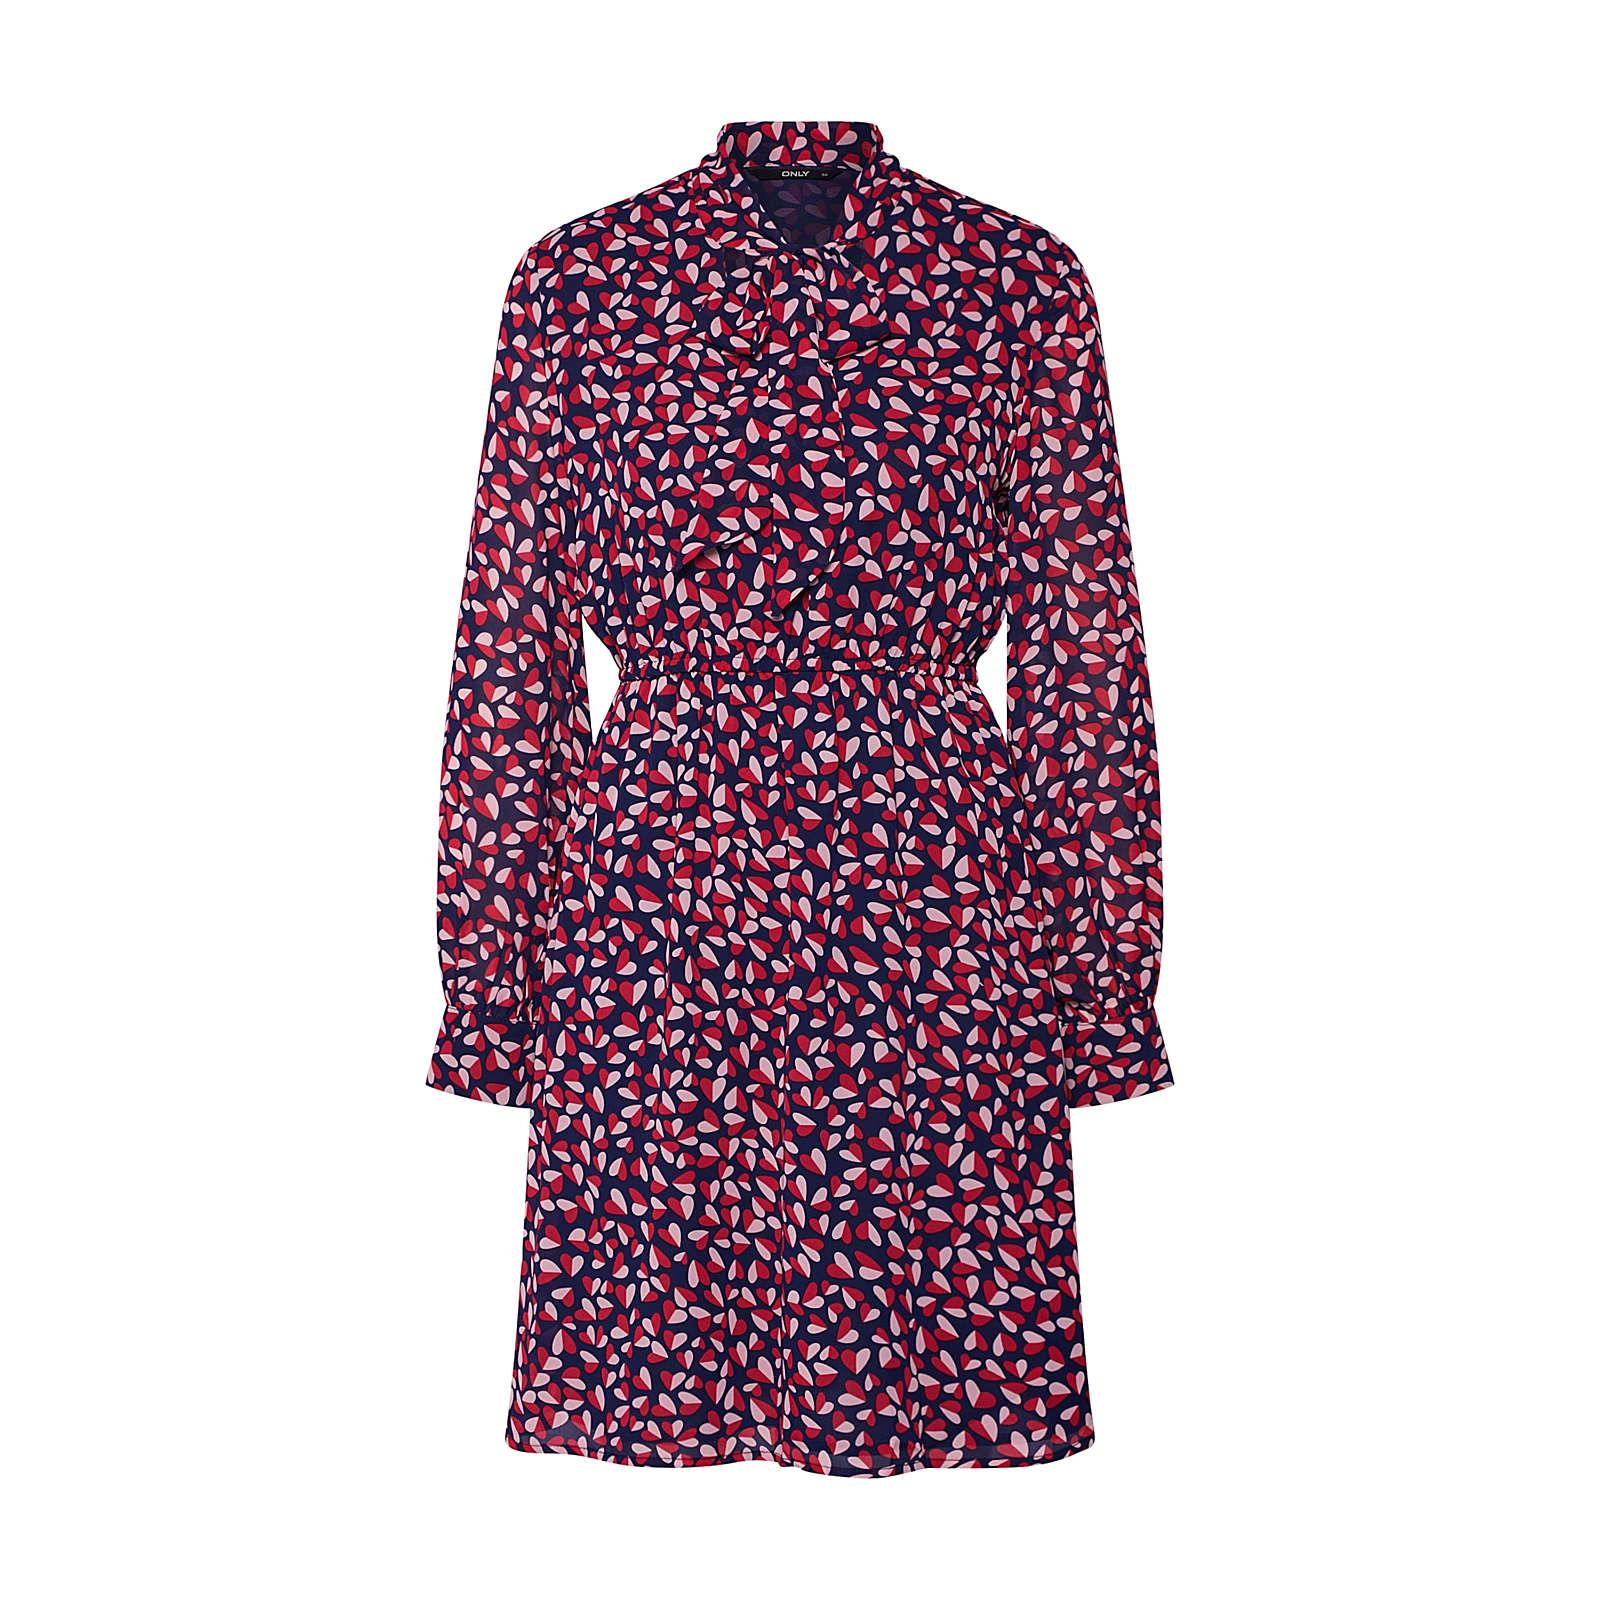 ONLY Blusenkleid LISA Blusenkleider rot Damen Gr. 42